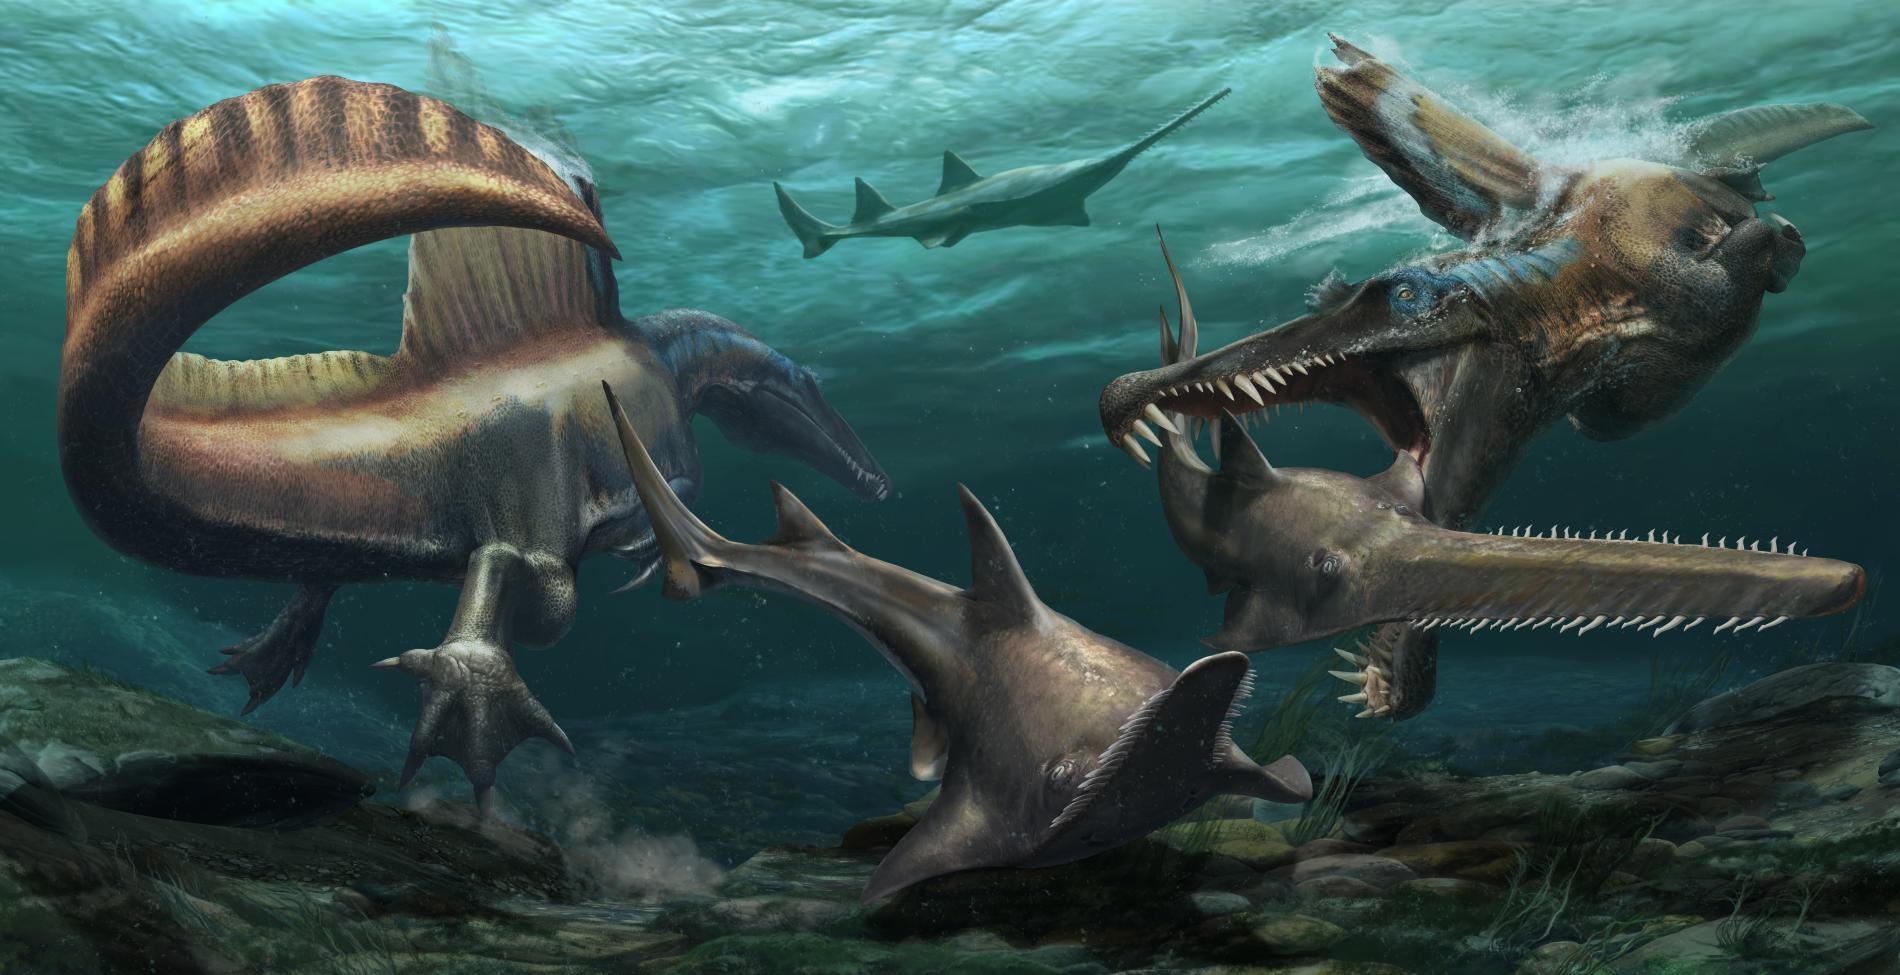 超過9500萬年前,摩洛哥曾經覆蓋著廣闊的河川系統,圖中兩隻埃及棘龍在這片水域中獵捕帆鋸鰩(Onchopristis),一種史前鋸鰩。新發現的化石說明這種恐龍的尾部相當適合游泳──這項特徵支持棘龍大部分時間都待在水中的假設。 JASON TREAT, NG STAFF; MESA SCHUMACHER. ART: DAVIDE BONADONNA NIZAR IBRAHIM, UNIVERSITY OF DETROIT MERCY